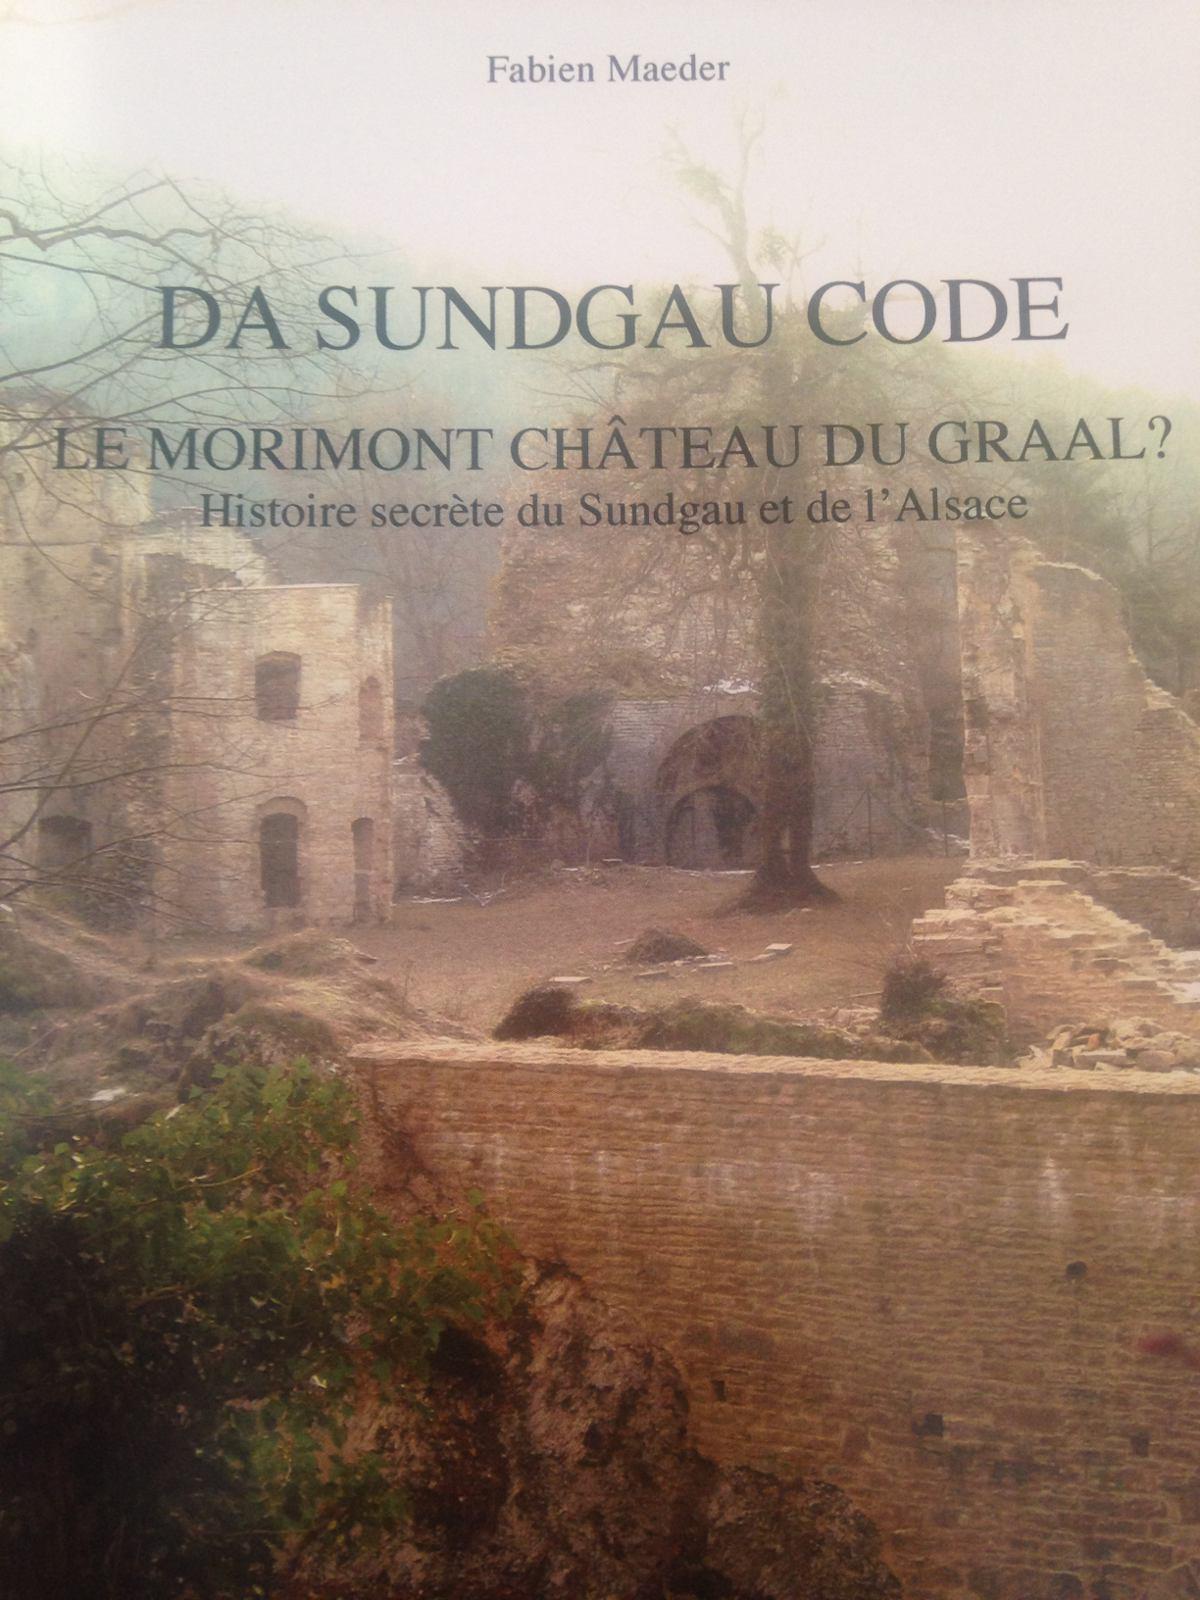 Da Sundgau code